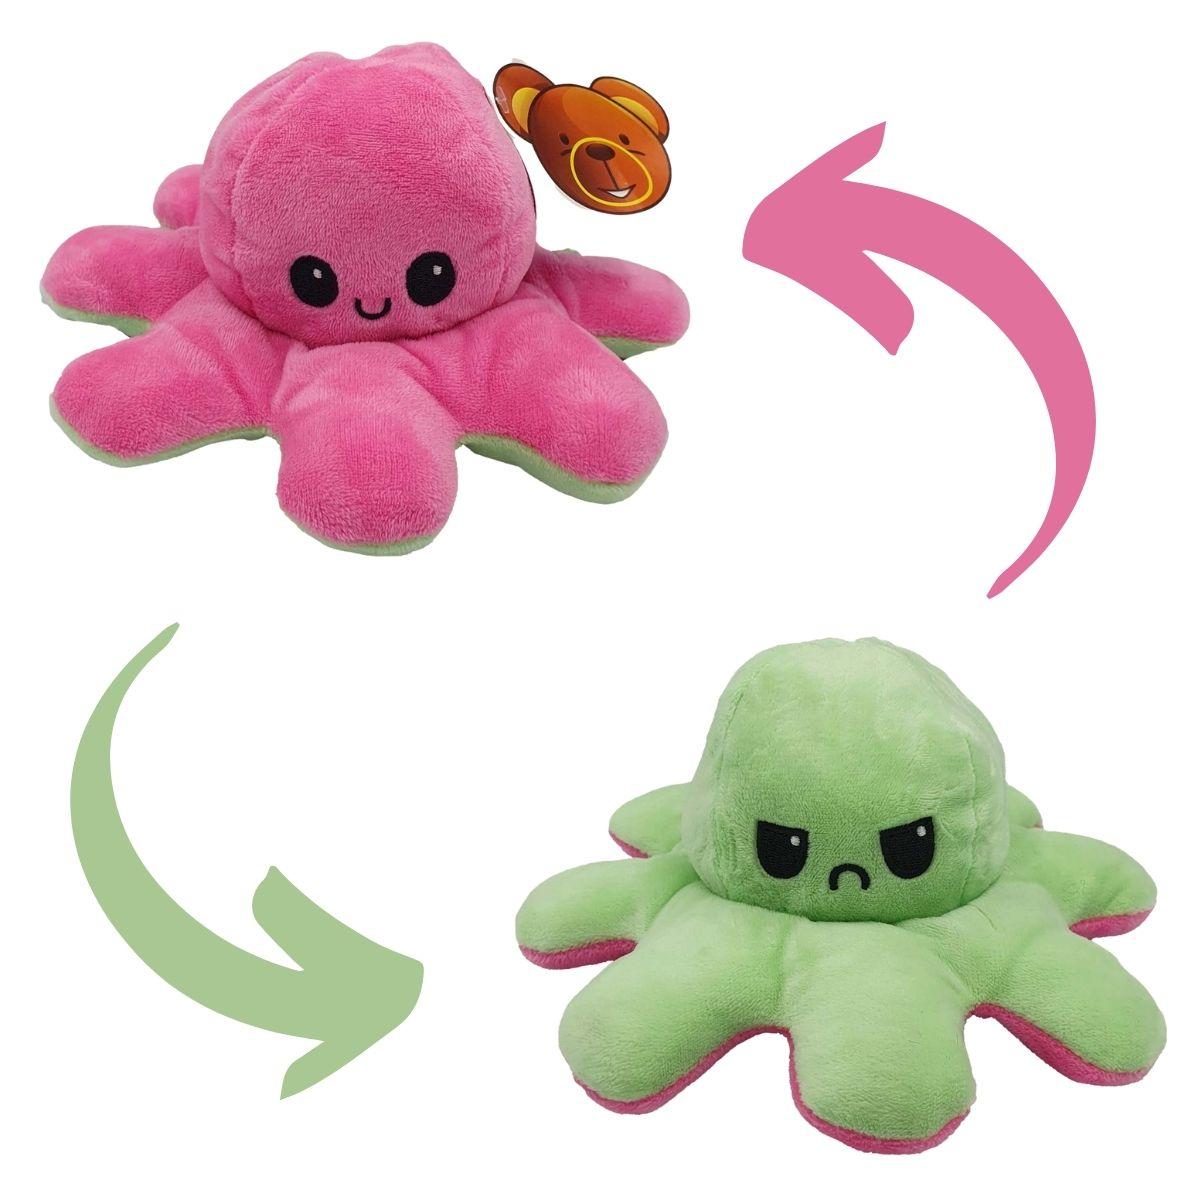 Polvo do Humor Reversível de Pelúcia para Crianças Rosa Pink e Verde